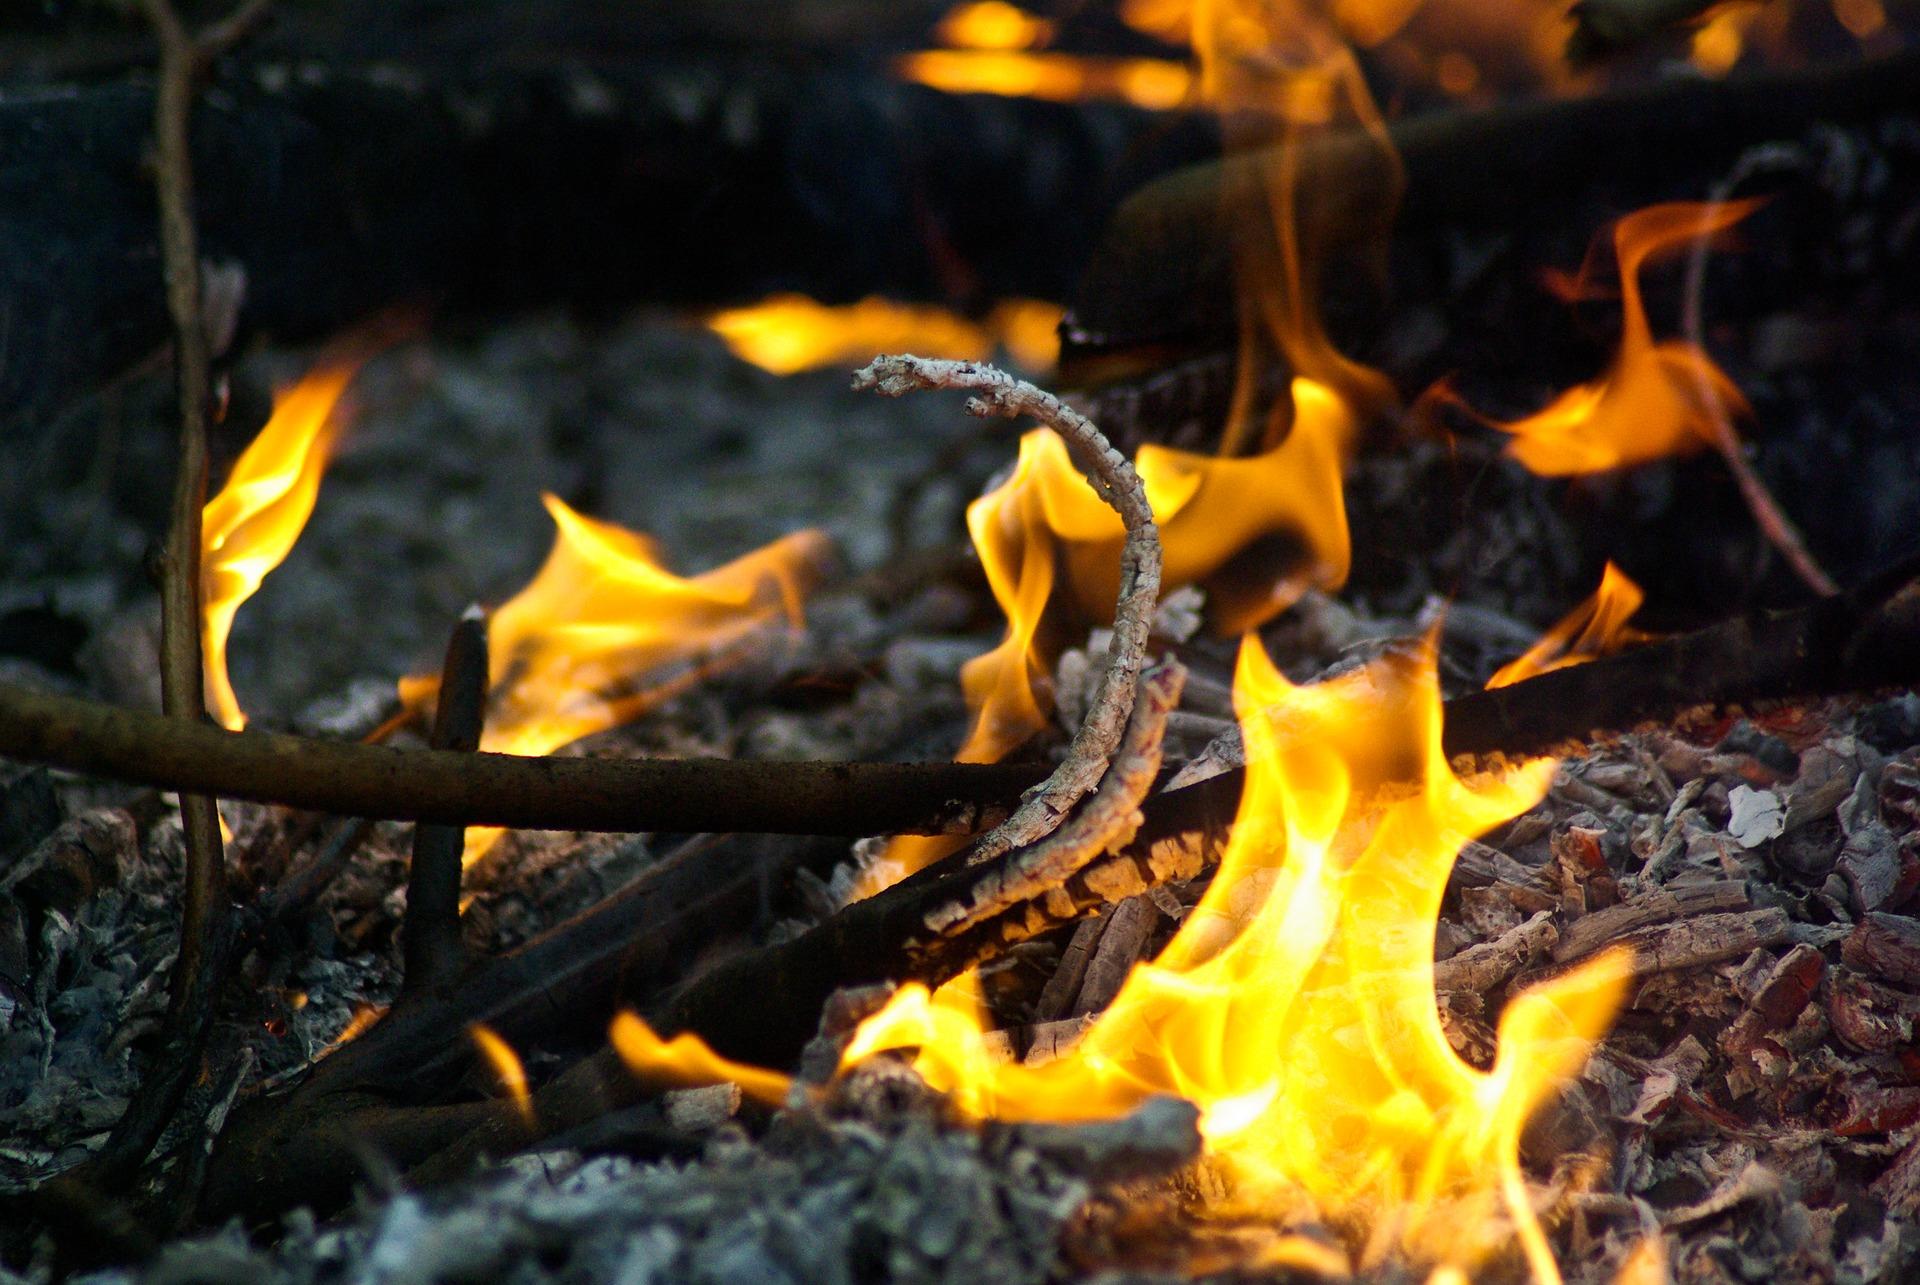 fire-4095295_1920.jpg